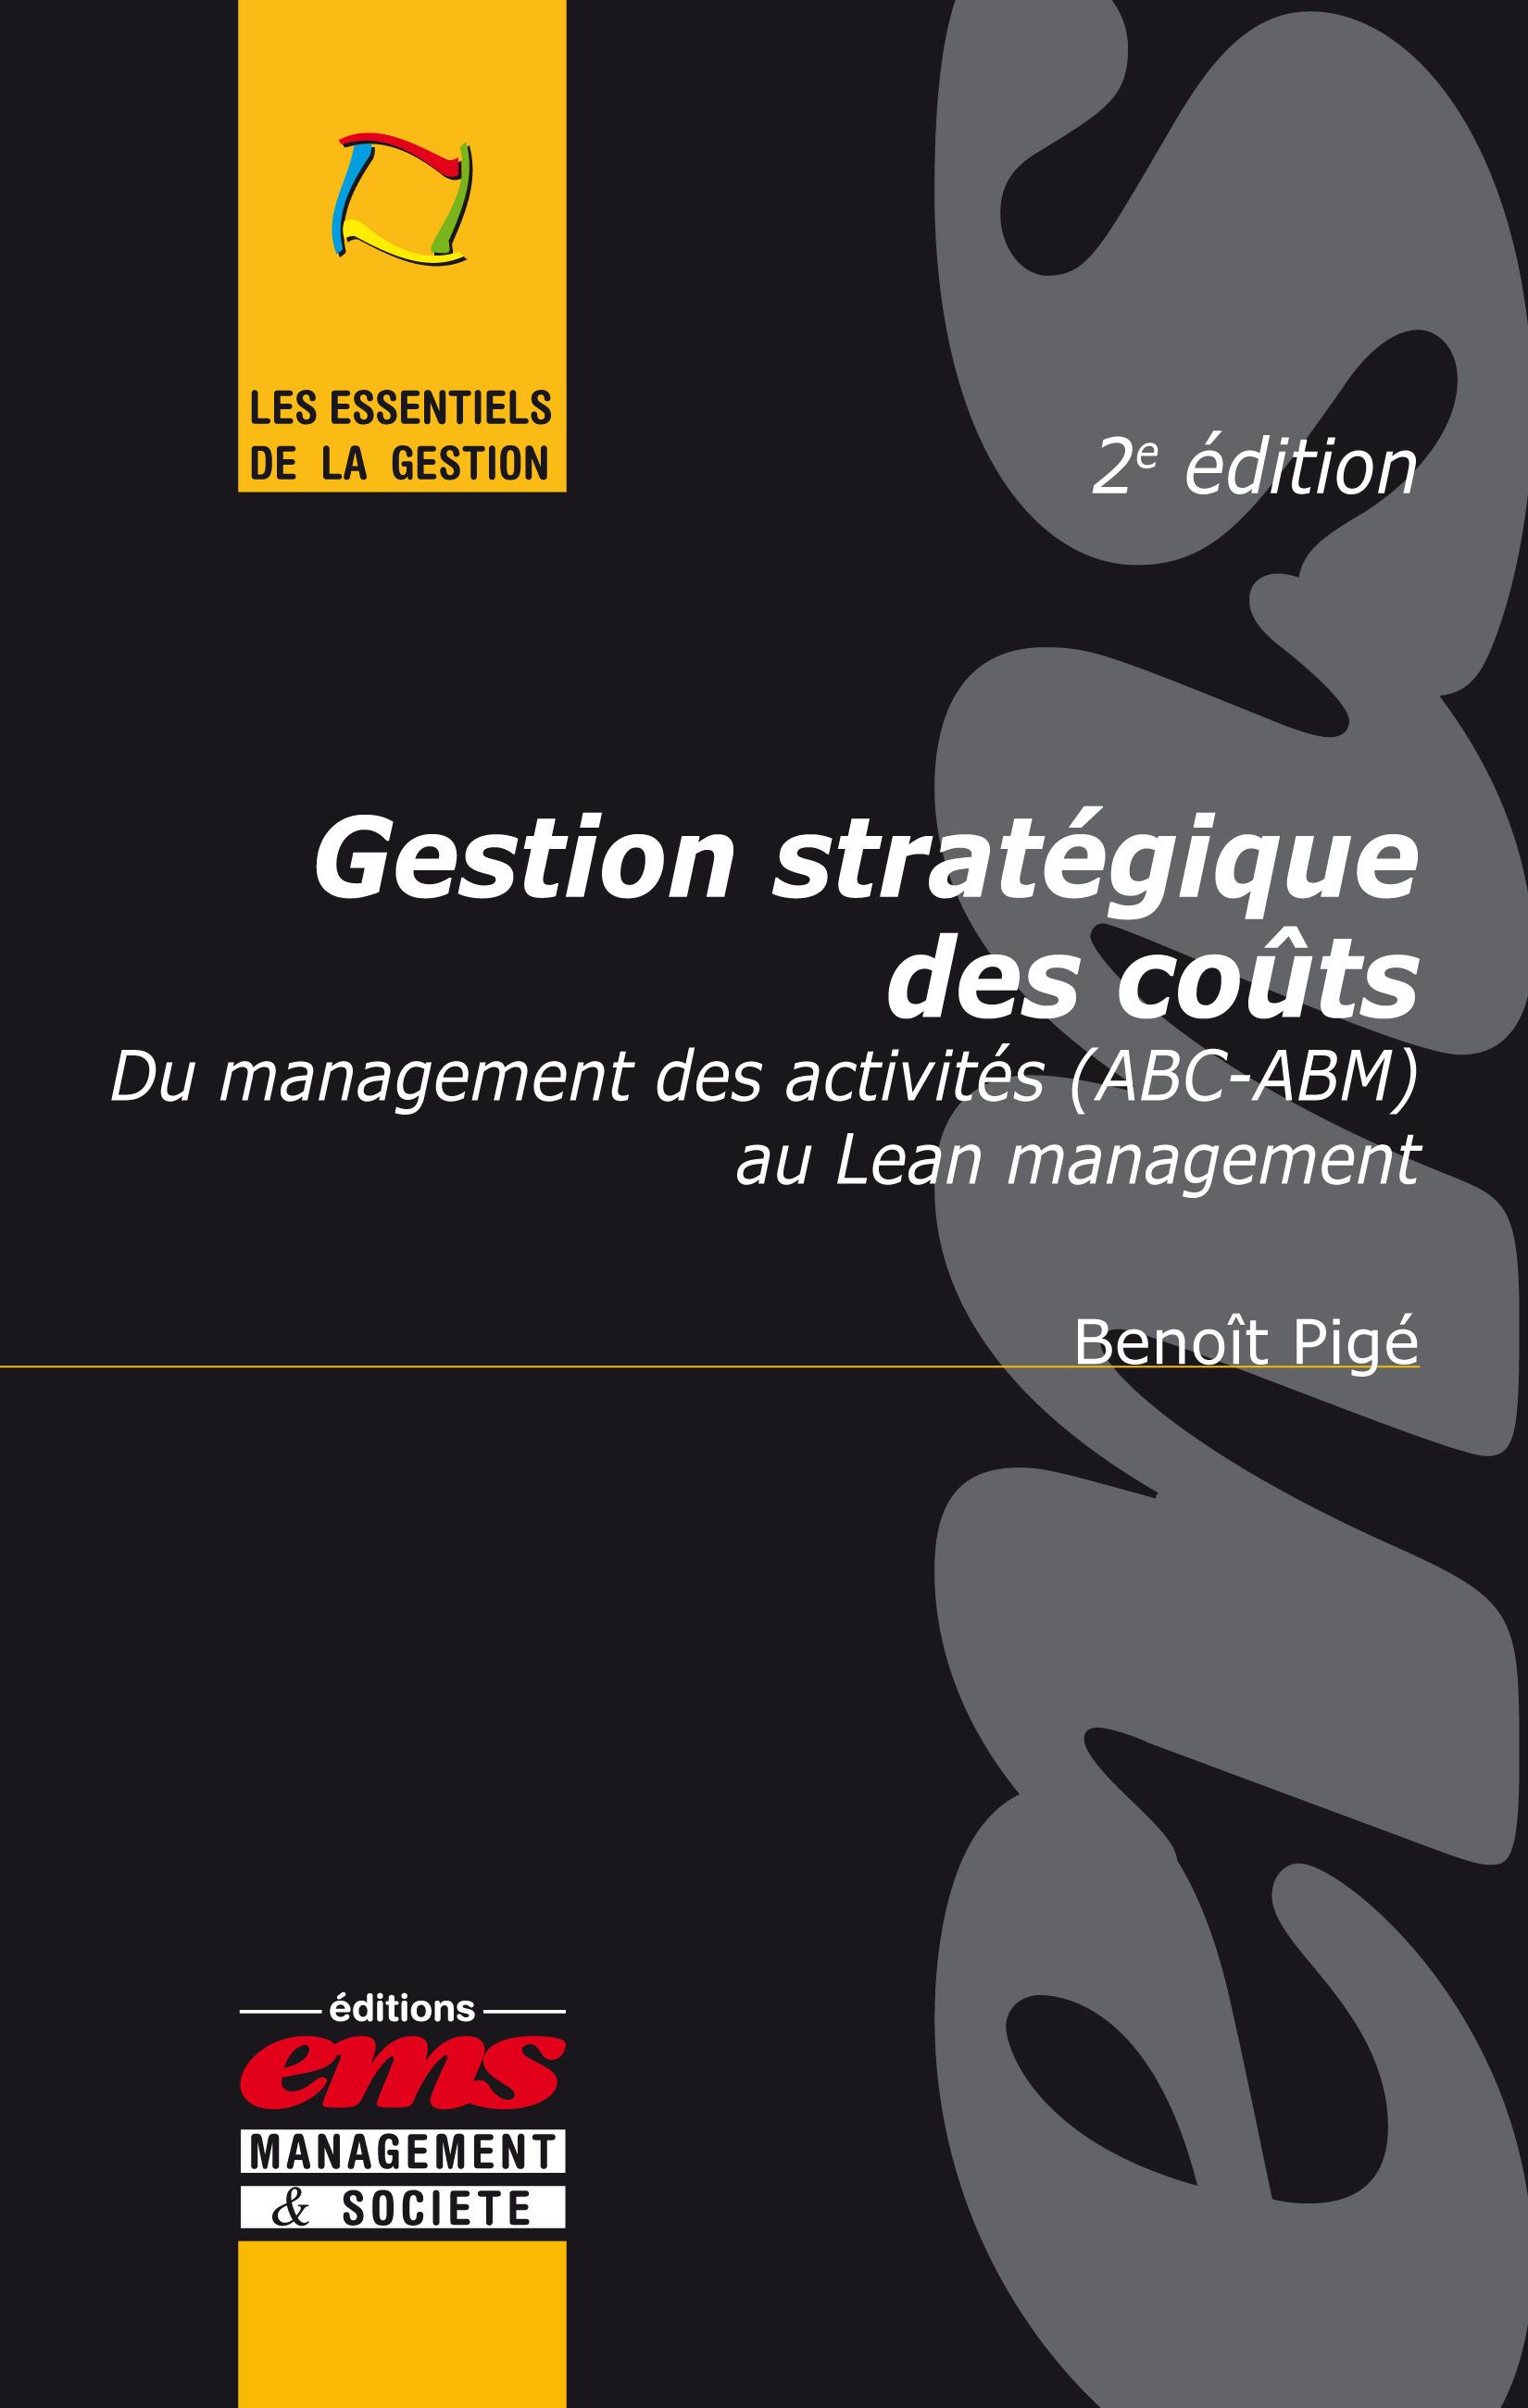 Benoît Pigé Gestion stratégique des coûts - 2e édition